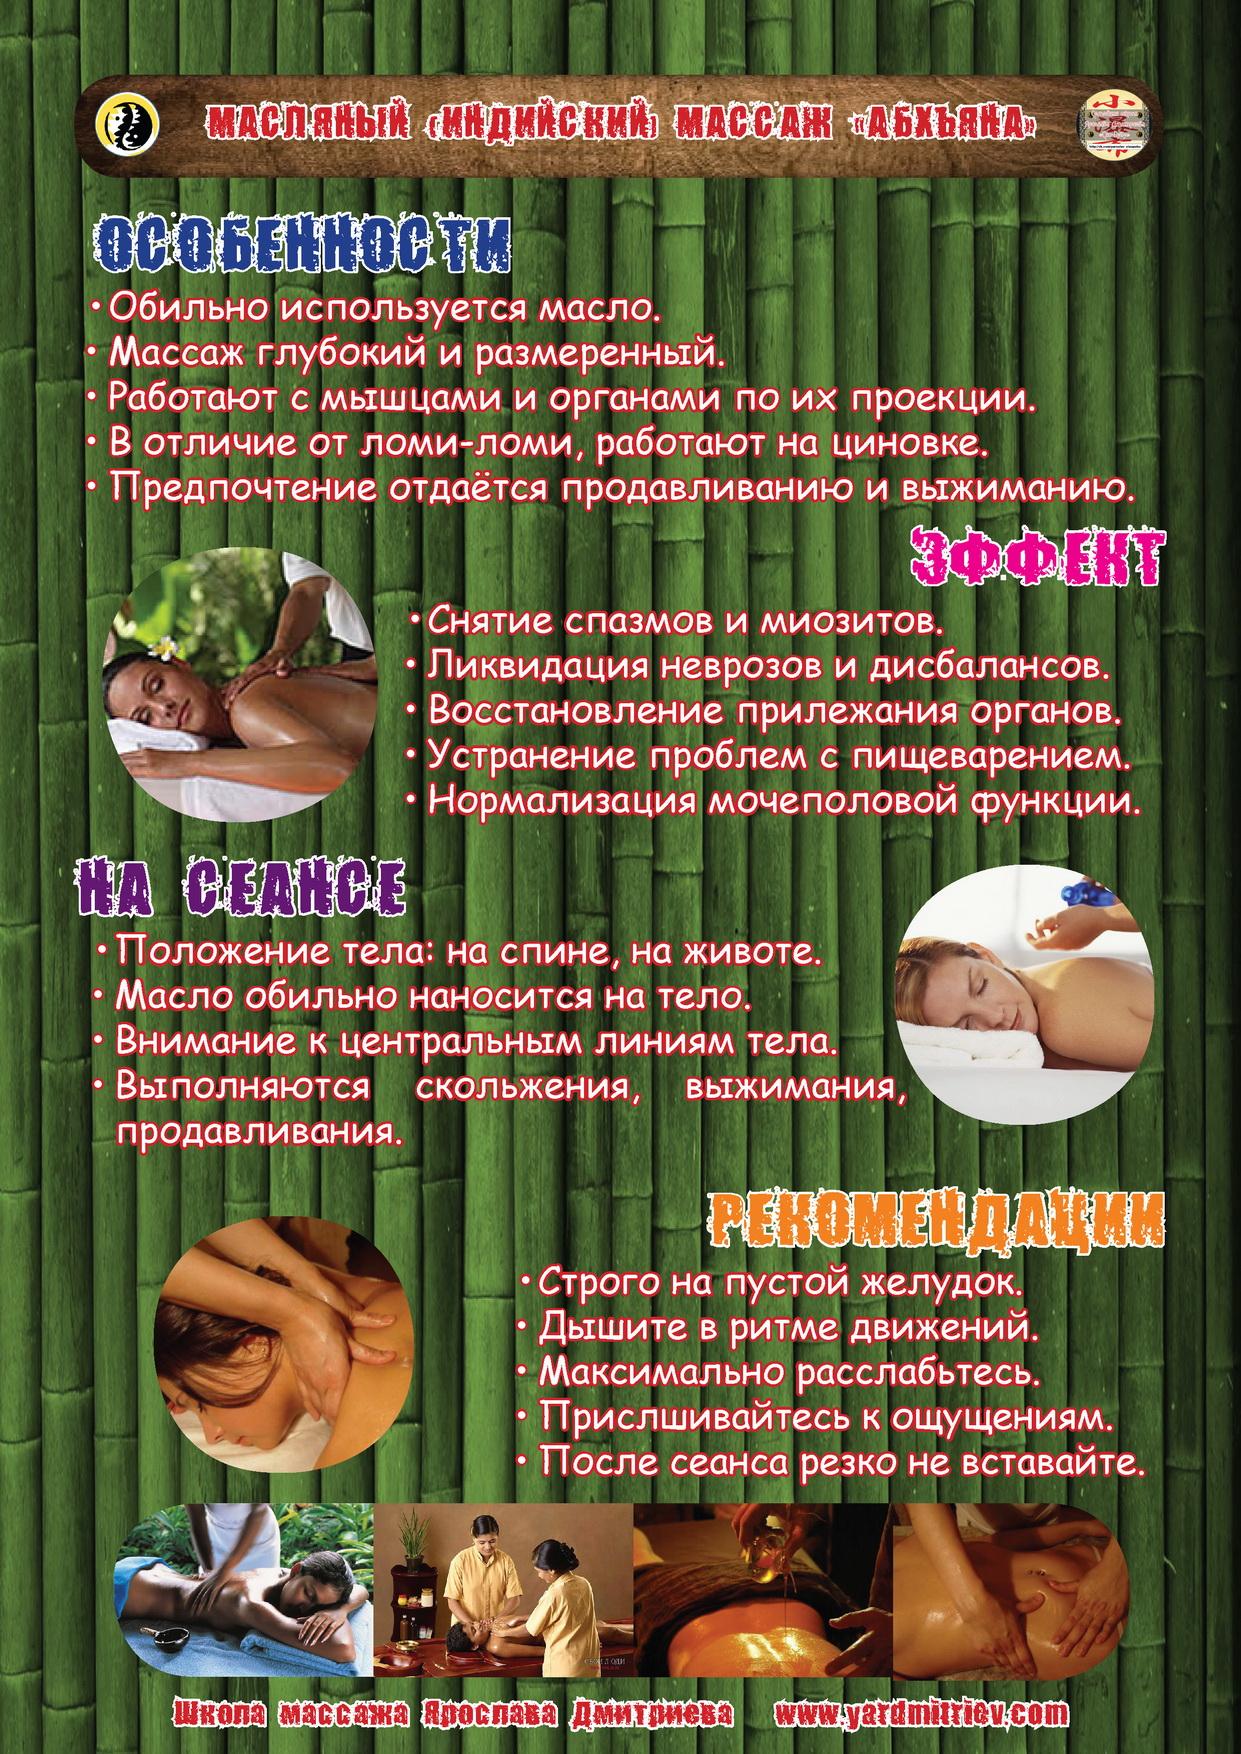 Масляный индийский массаж абхъяна